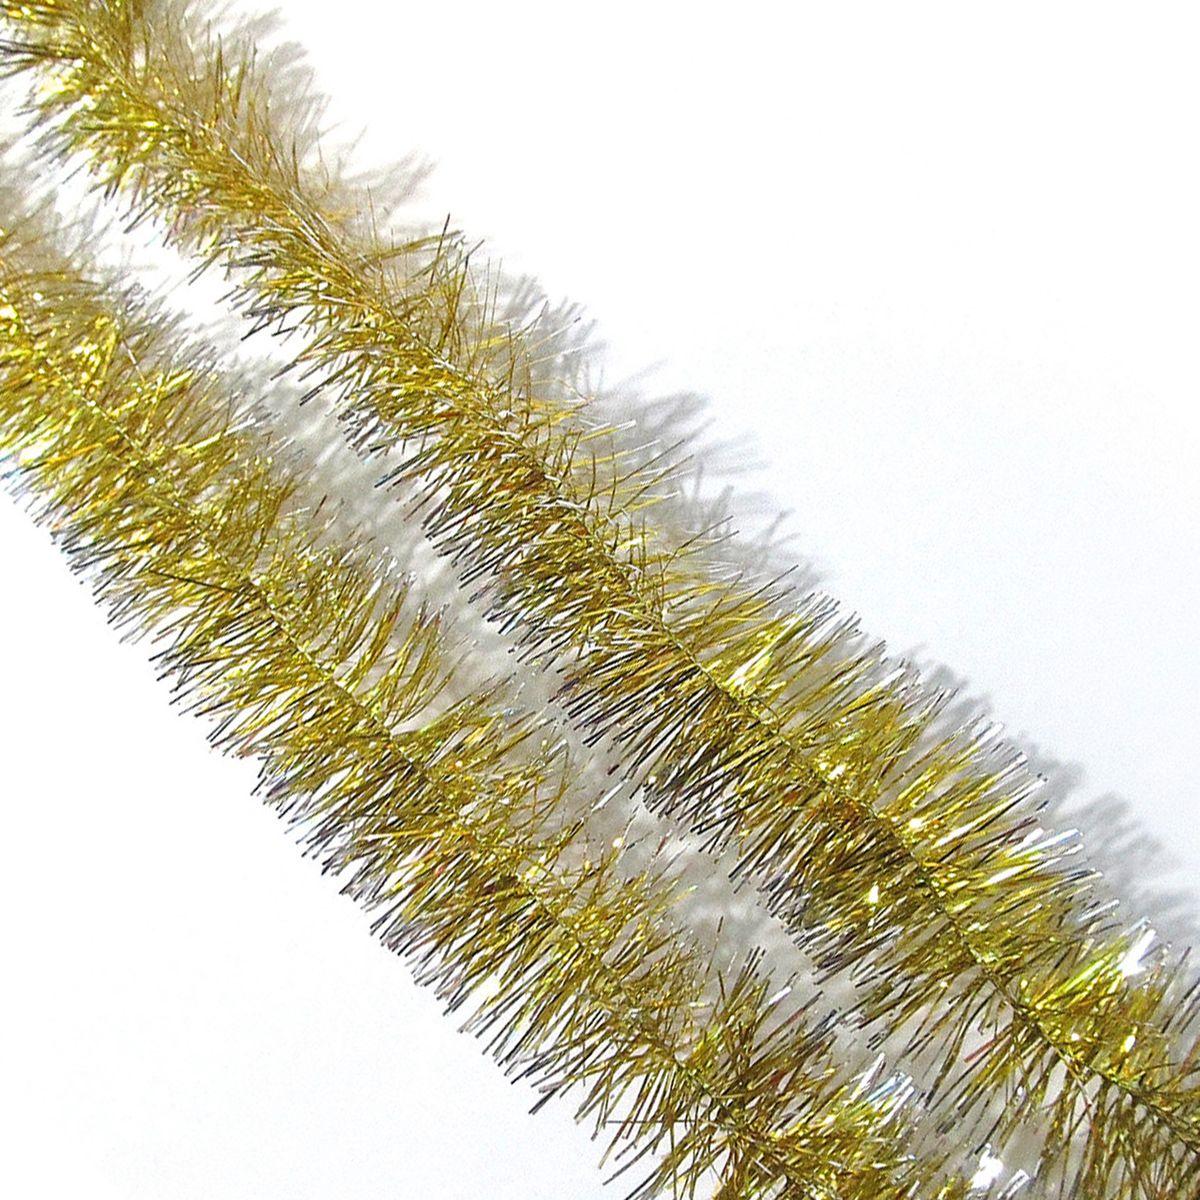 Мишура новогодняя Sima-land, цвет: золотистый, диаметр 6 см, длина 160 см. 701306701306_золотистый_1Мишура новогодняя Sima-land, выполненная из фольги, поможет вам украсить свой дом к предстоящим праздникам. Мишура армирована, то есть имеет проволоку внутри и способна сохранять приданную ей форму. Новогодняя елка с таким украшением станет еще наряднее. Новогодней мишурой можно украсить все, что угодно - елку, квартиру, дачу, офис - как внутри, так и снаружи. Можно сложить новогодние поздравления, буквы и цифры, мишурой можно украсить и дополнить гирлянды, можно выделить дверные колонны, оплести дверные проемы.